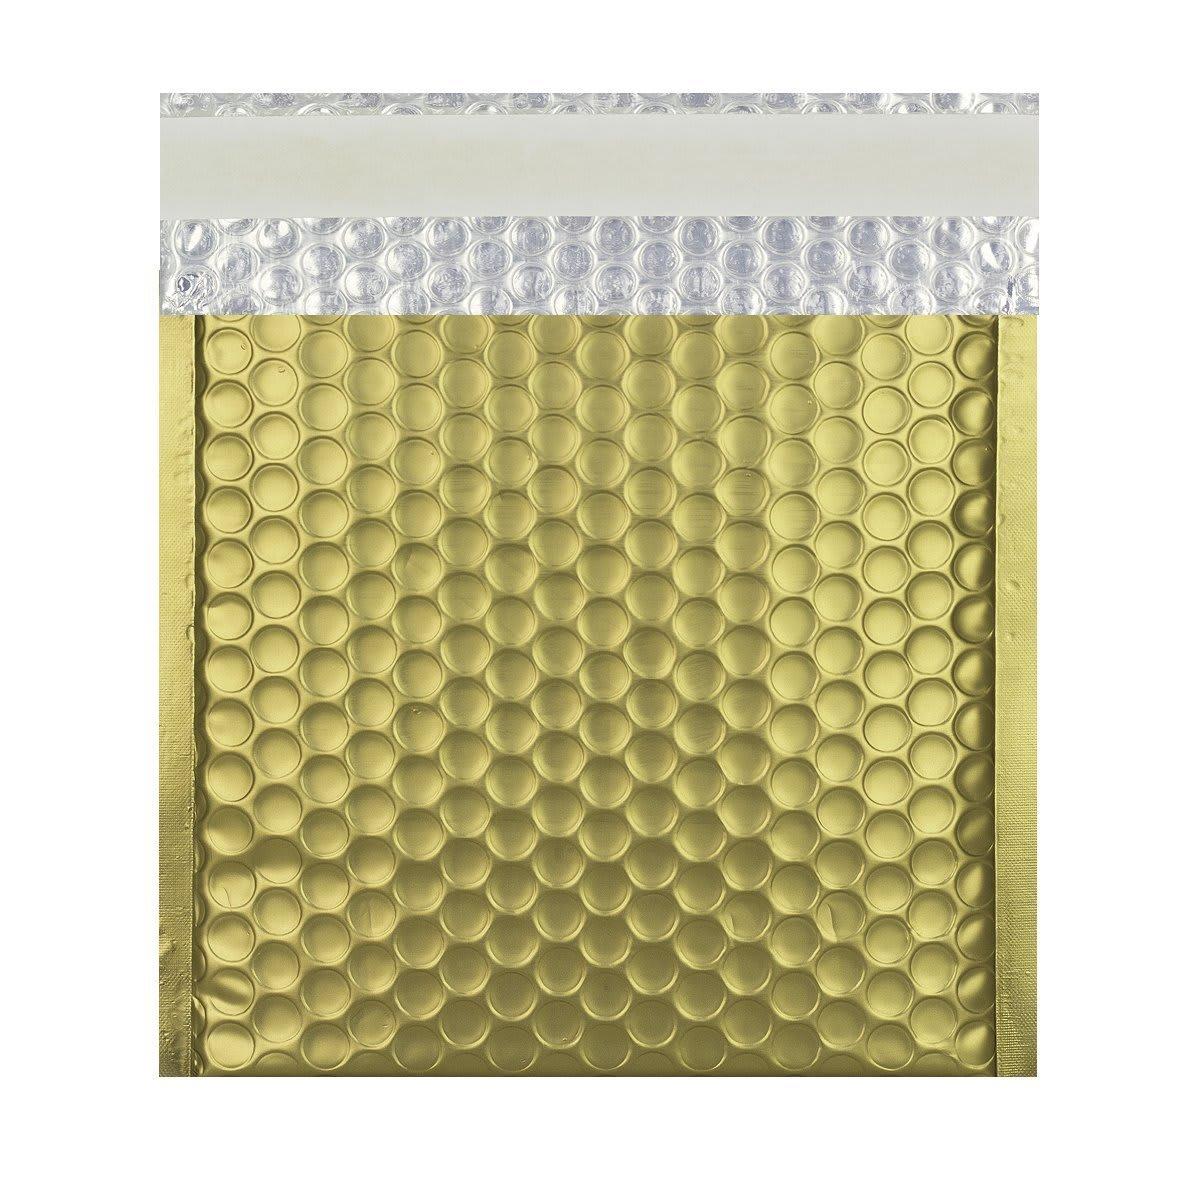 165MM SQUARE MATT METALLIC GOLD PADDED ENVELOPES